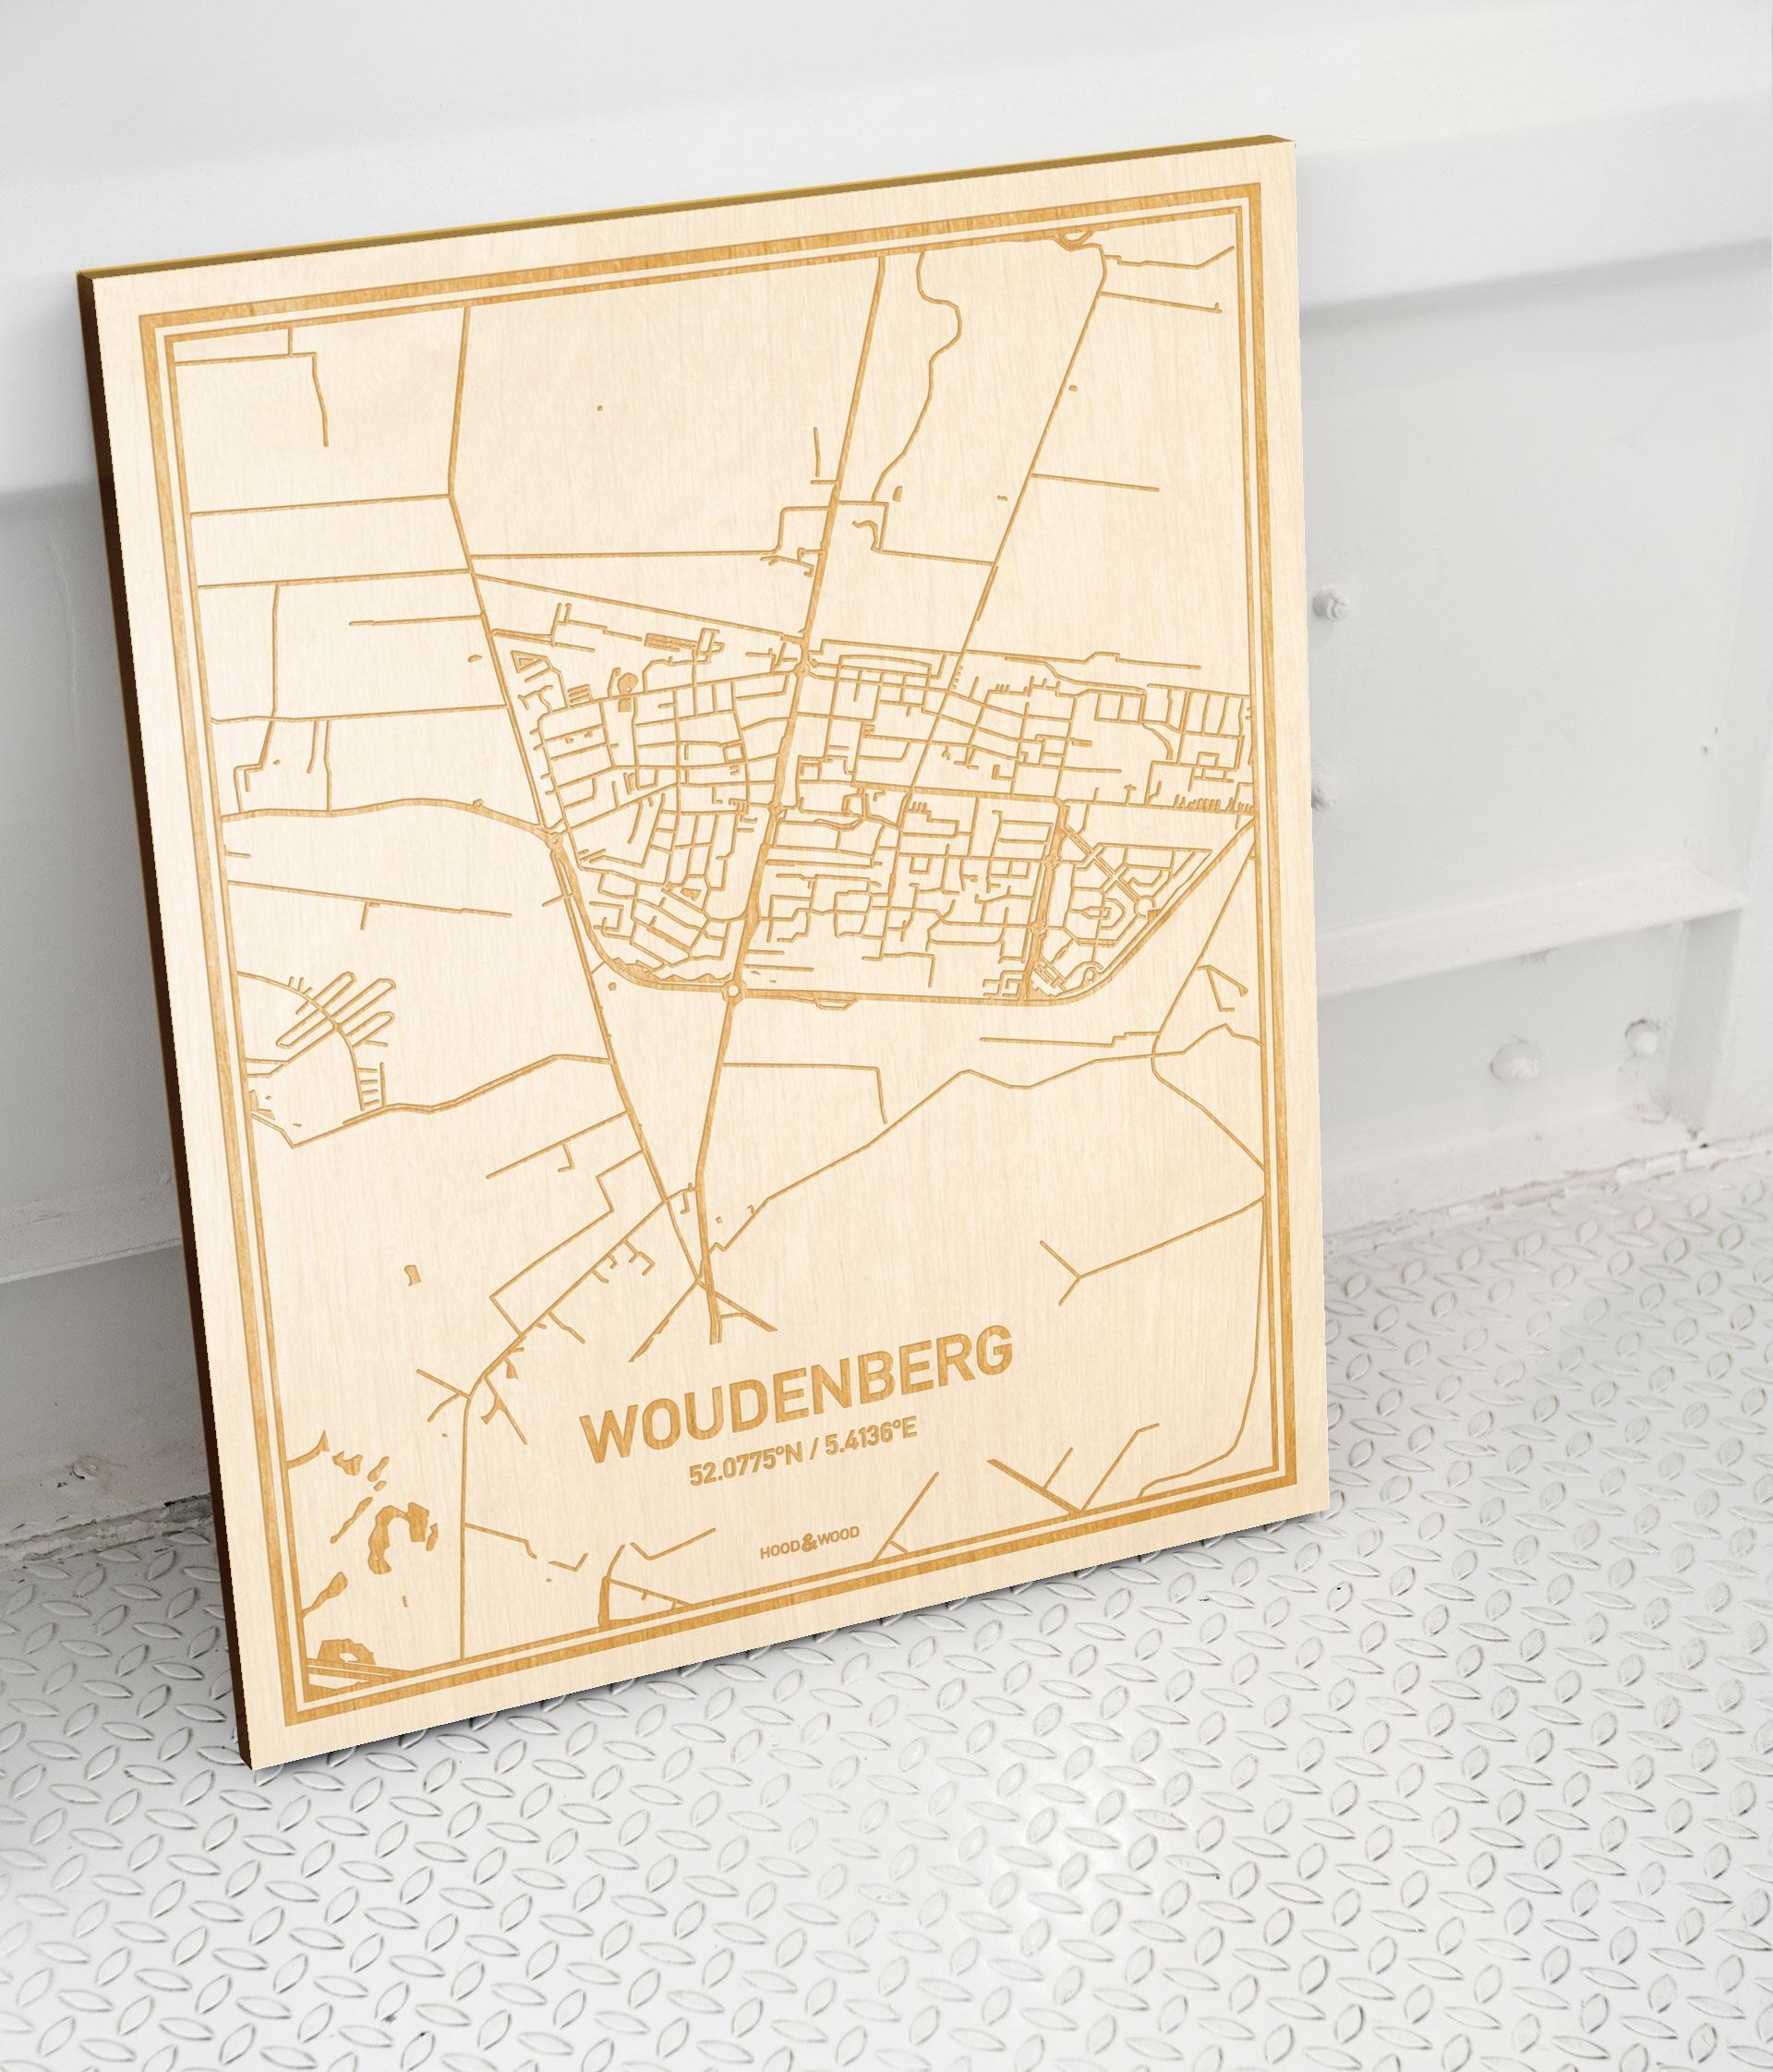 Plattegrond Woudenberg als prachtige houten wanddecoratie. Het warme hout contrasteert mooi met de witte muur.